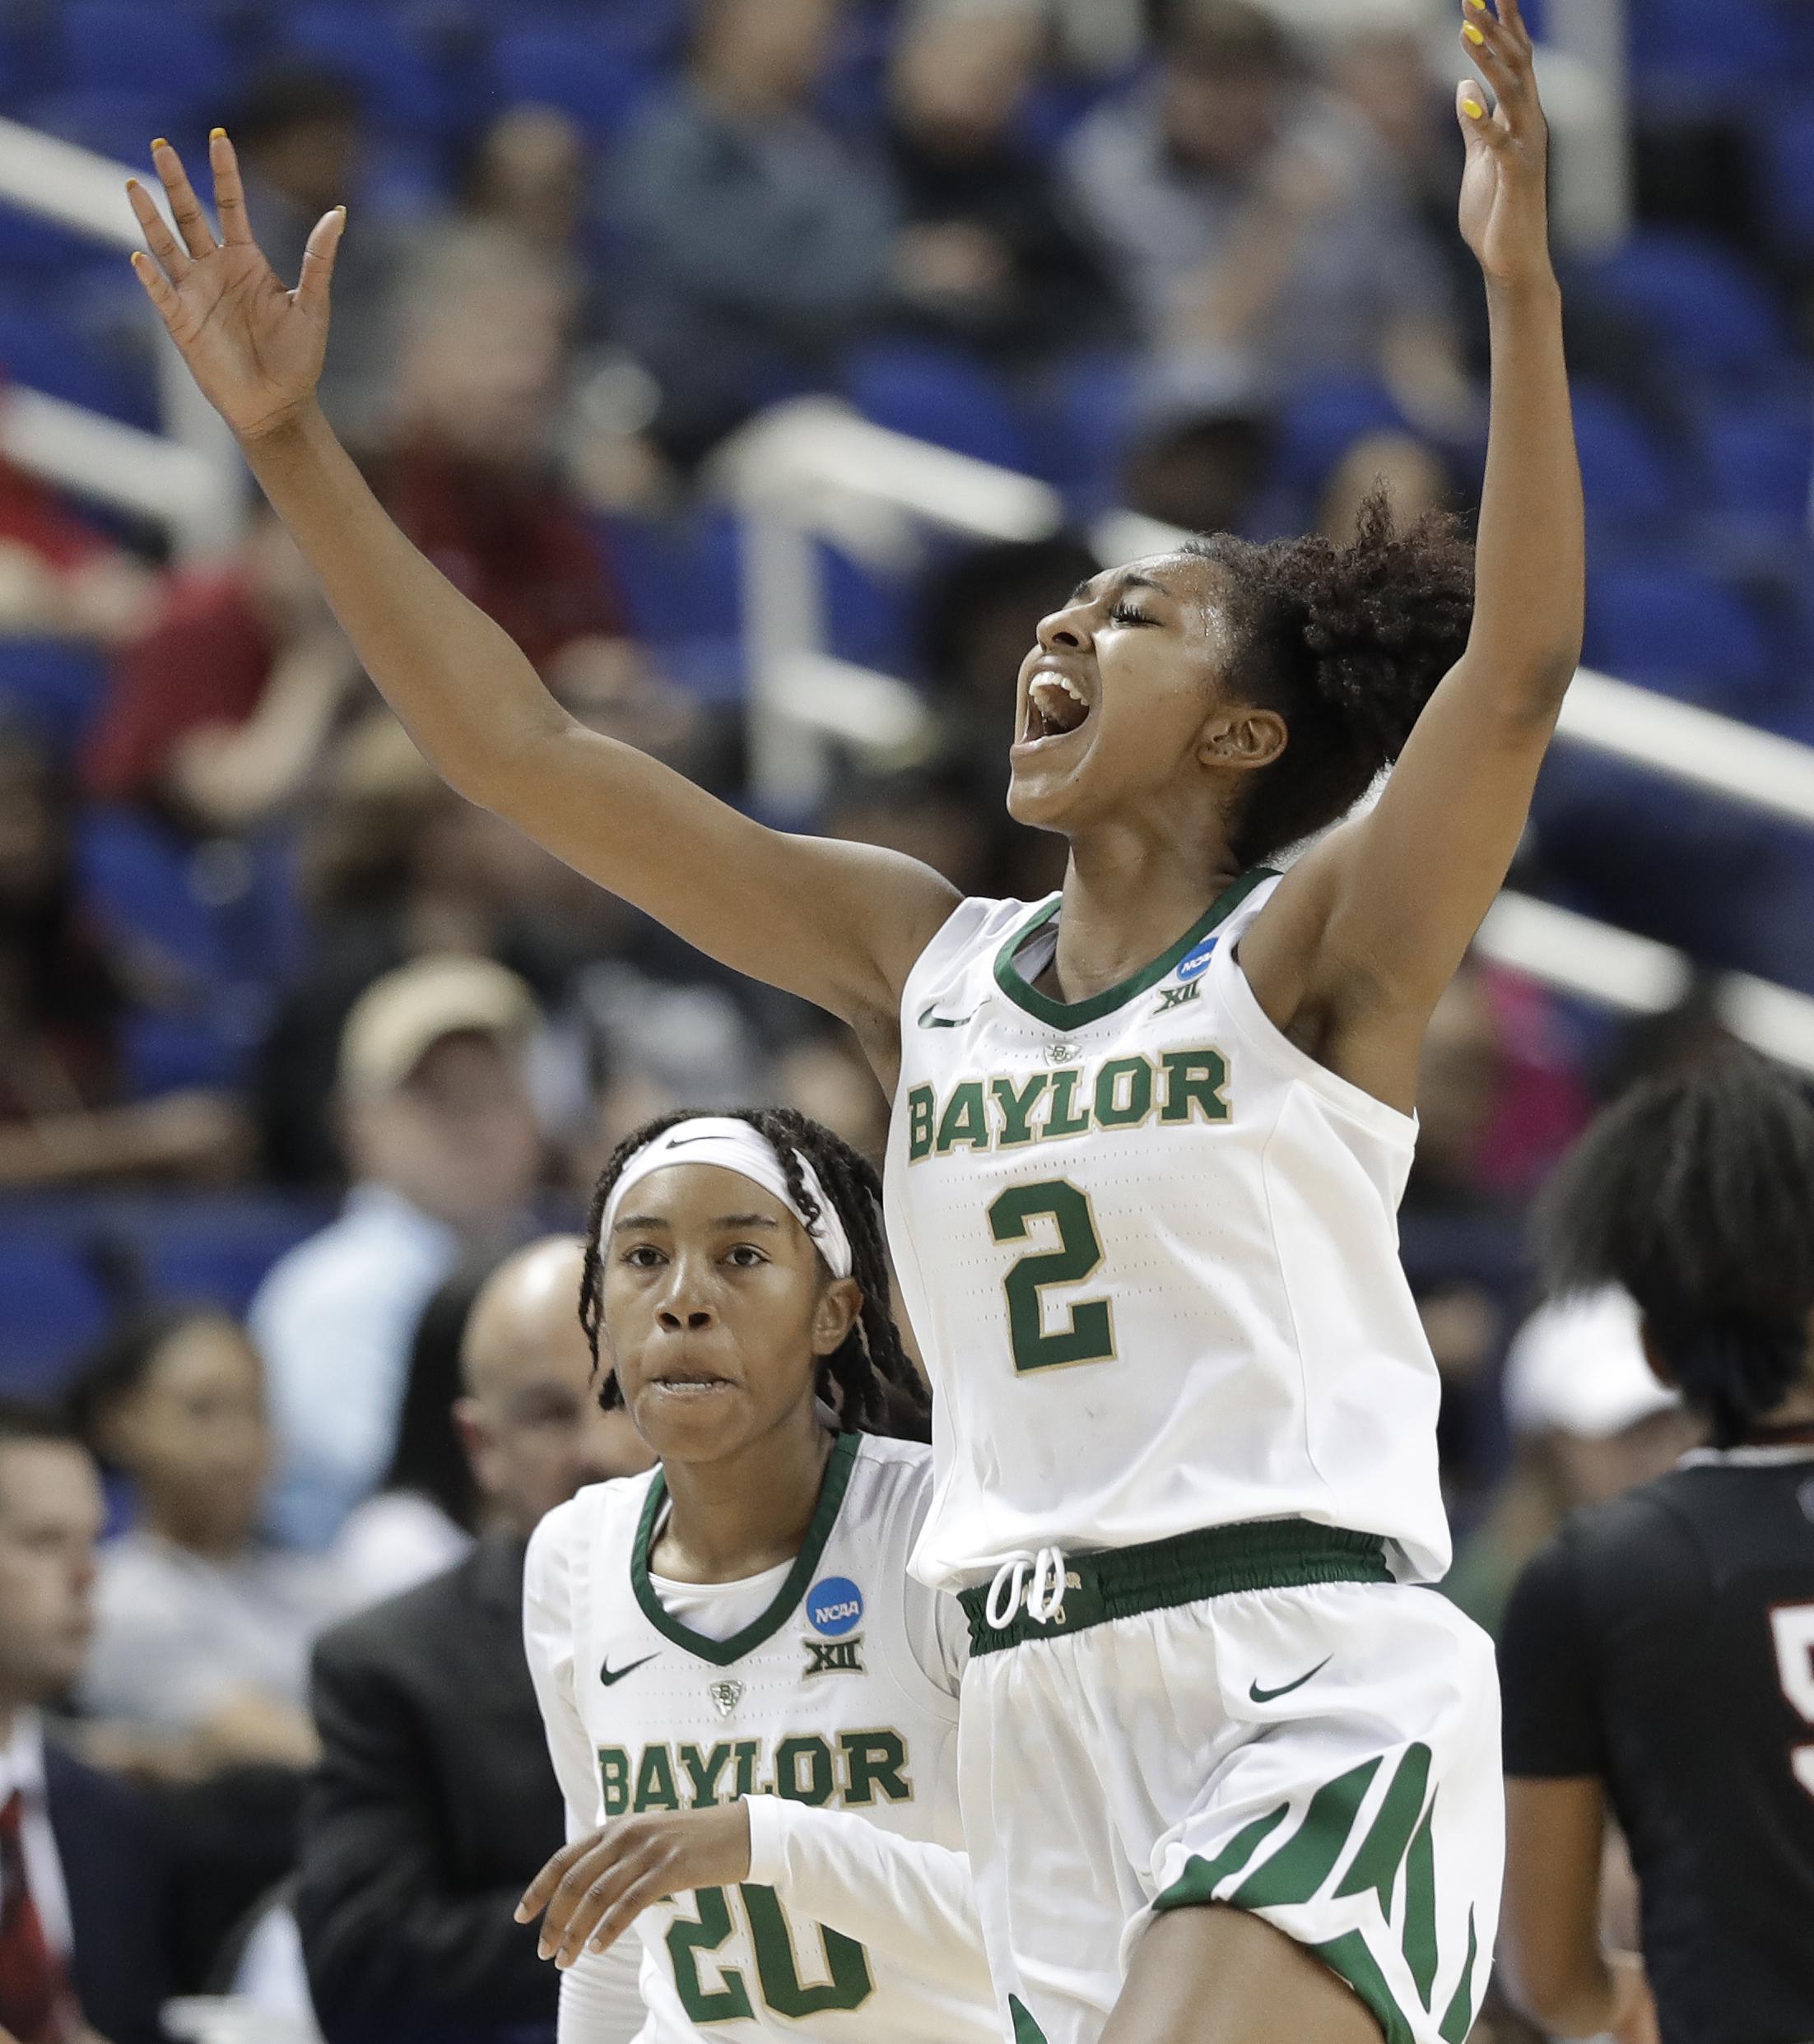 Women's NCAA Tournament: Baylor beats South Carolina 93-68